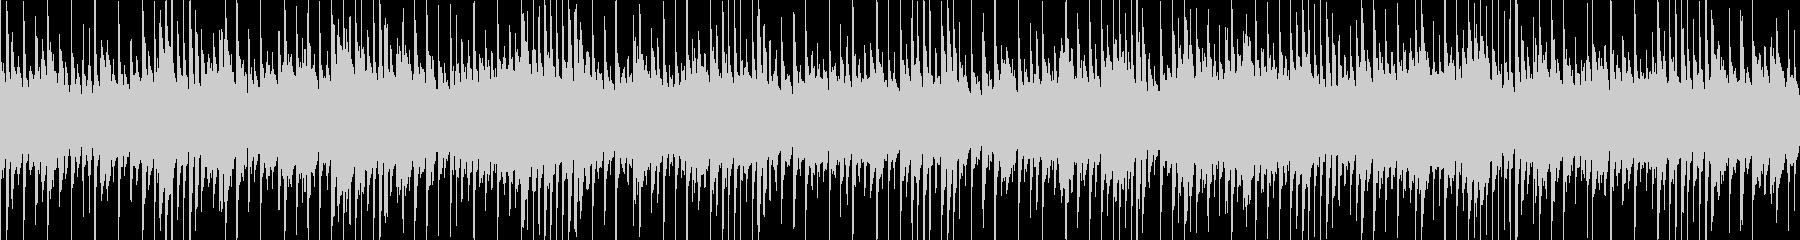 拍子が変だけど、耳に馴染みやすいテクノの未再生の波形